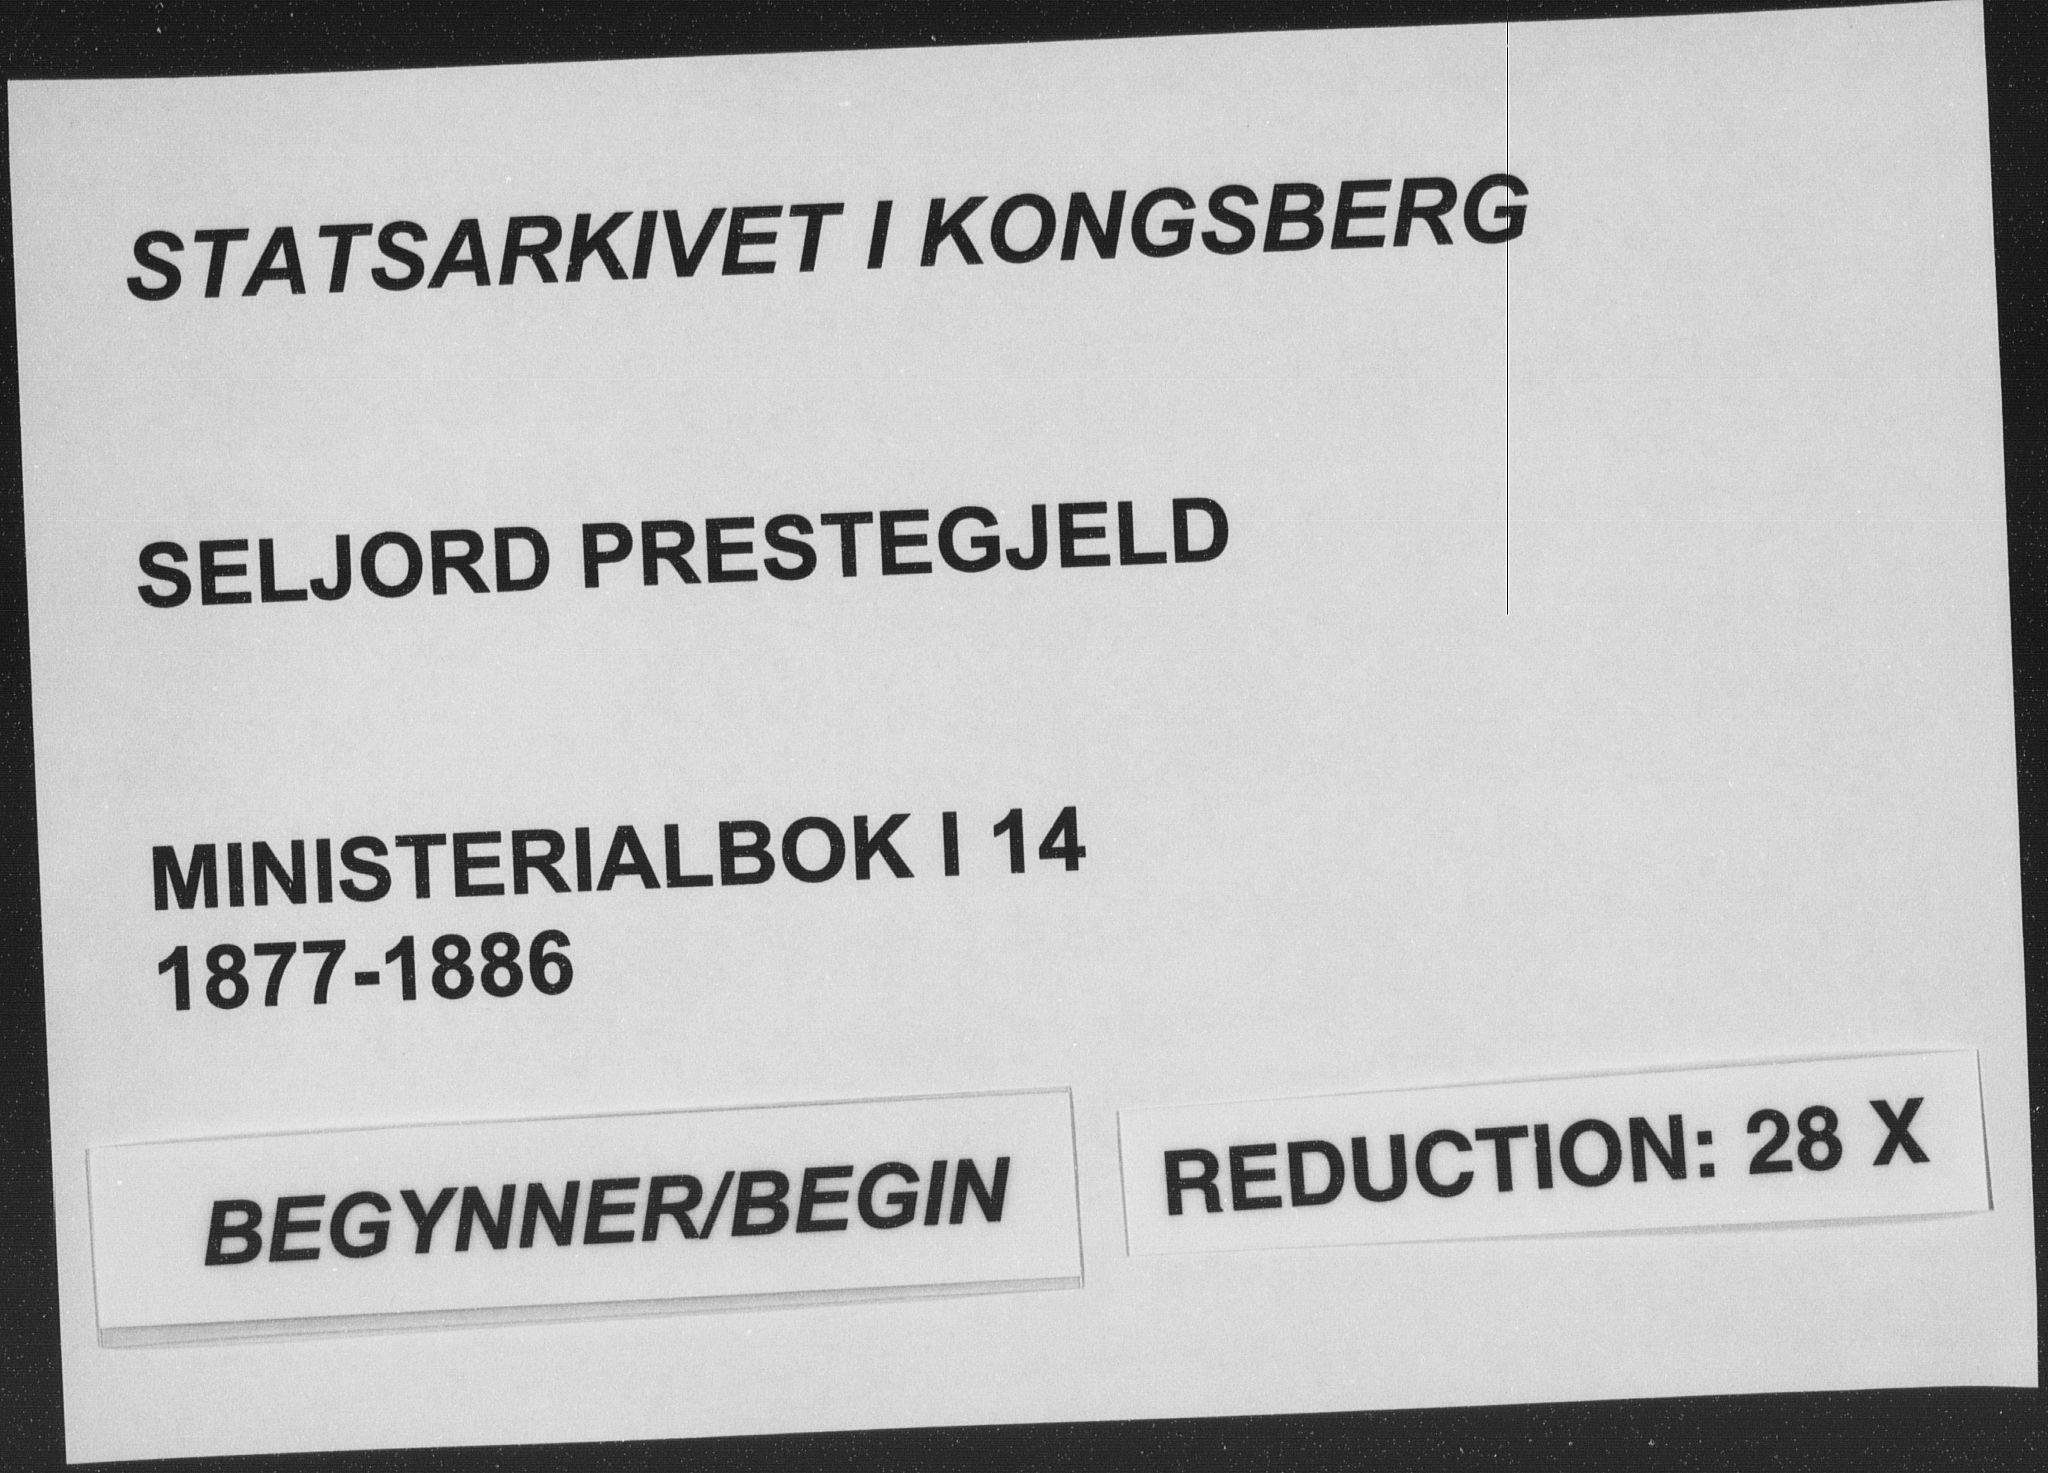 SAKO, Seljord kirkebøker, F/Fa/L0014: Ministerialbok nr. I 14, 1877-1886